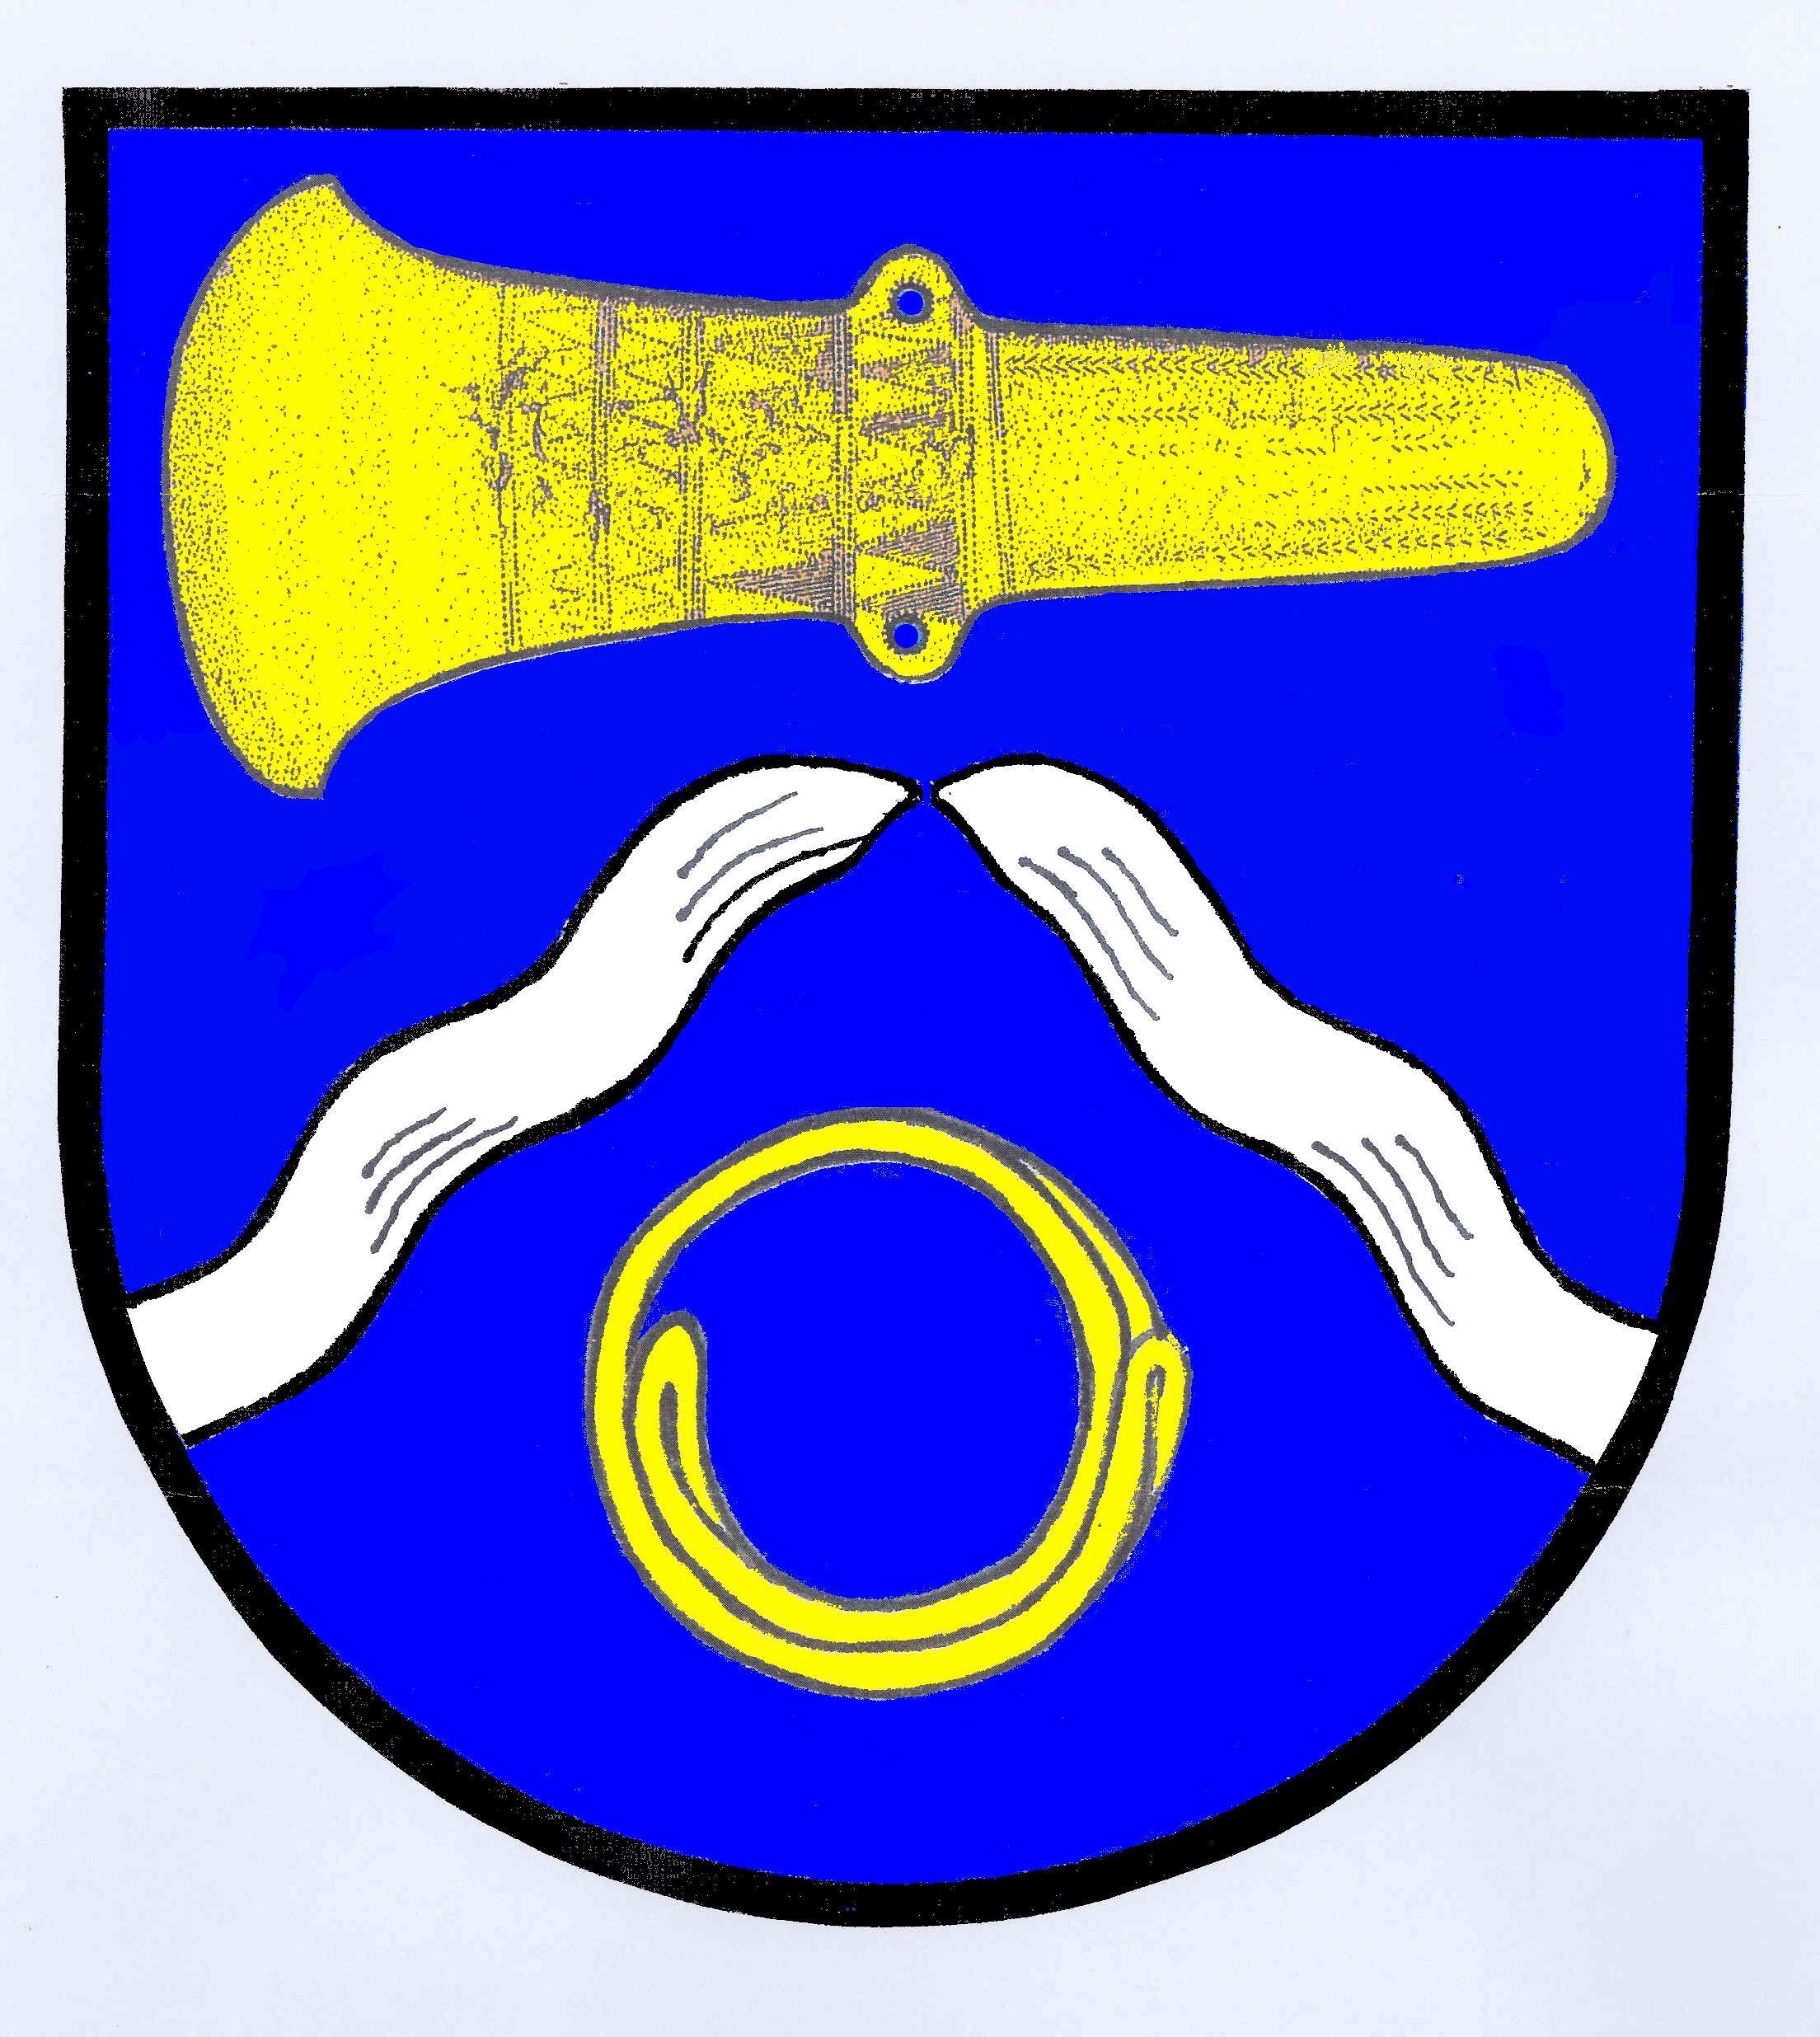 Wappen GemeindeAhneby, Kreis Schleswig-Flensburg